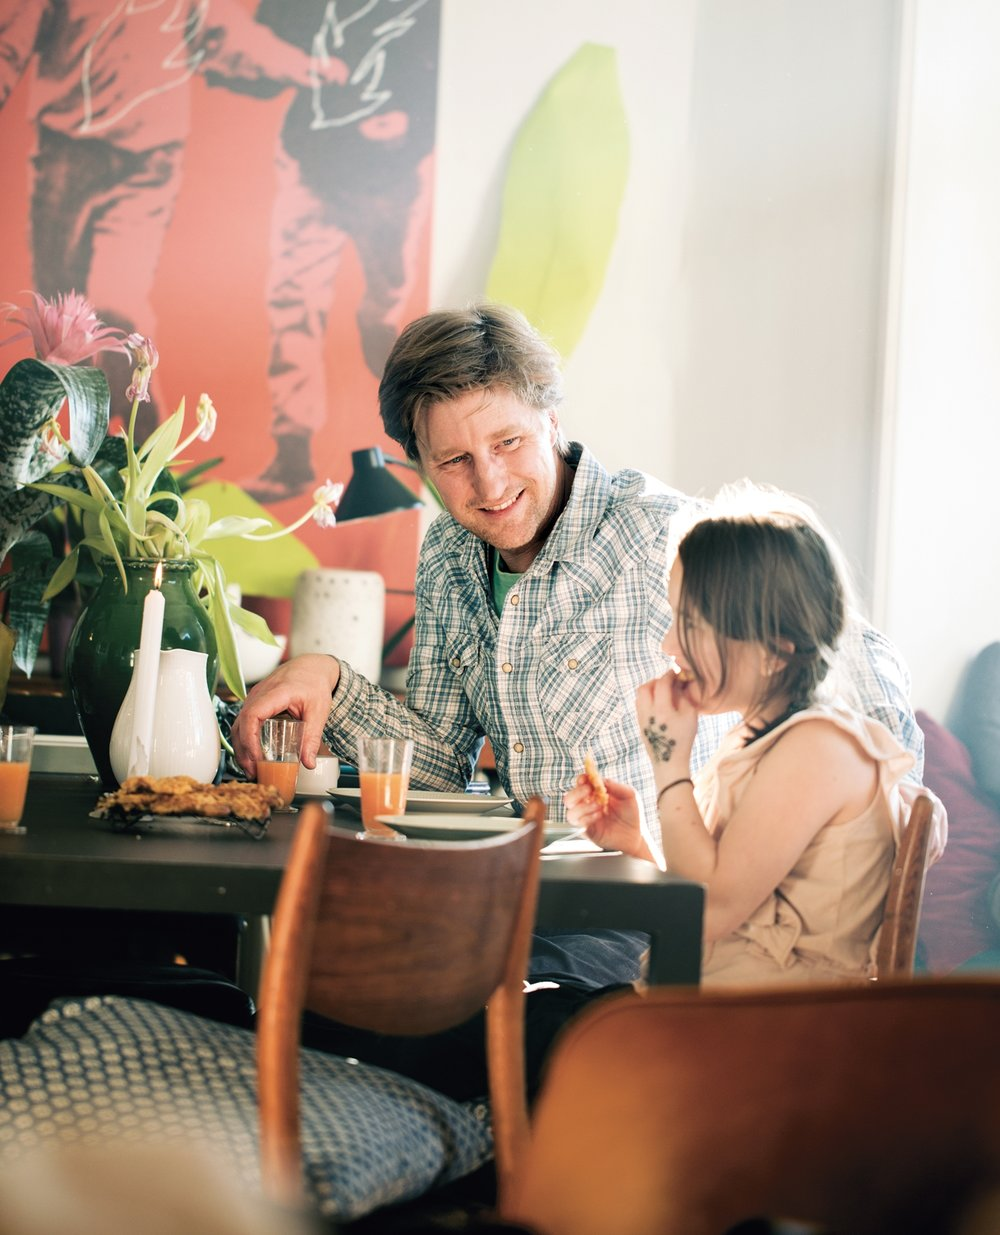 Per Asbjørn Risnes jr liker å gjøre ting selv. Han fôrer familien til hverdag og fest med gamle klassikere, nye eksperimenter og hjemmelaget fast food. Det hender rett som det er at de liker det han lager. Frilansjournalisten og forfatteren har gitt ut flere bøker, blant annet kokeboka «Pappamat» på Garmann forlag.